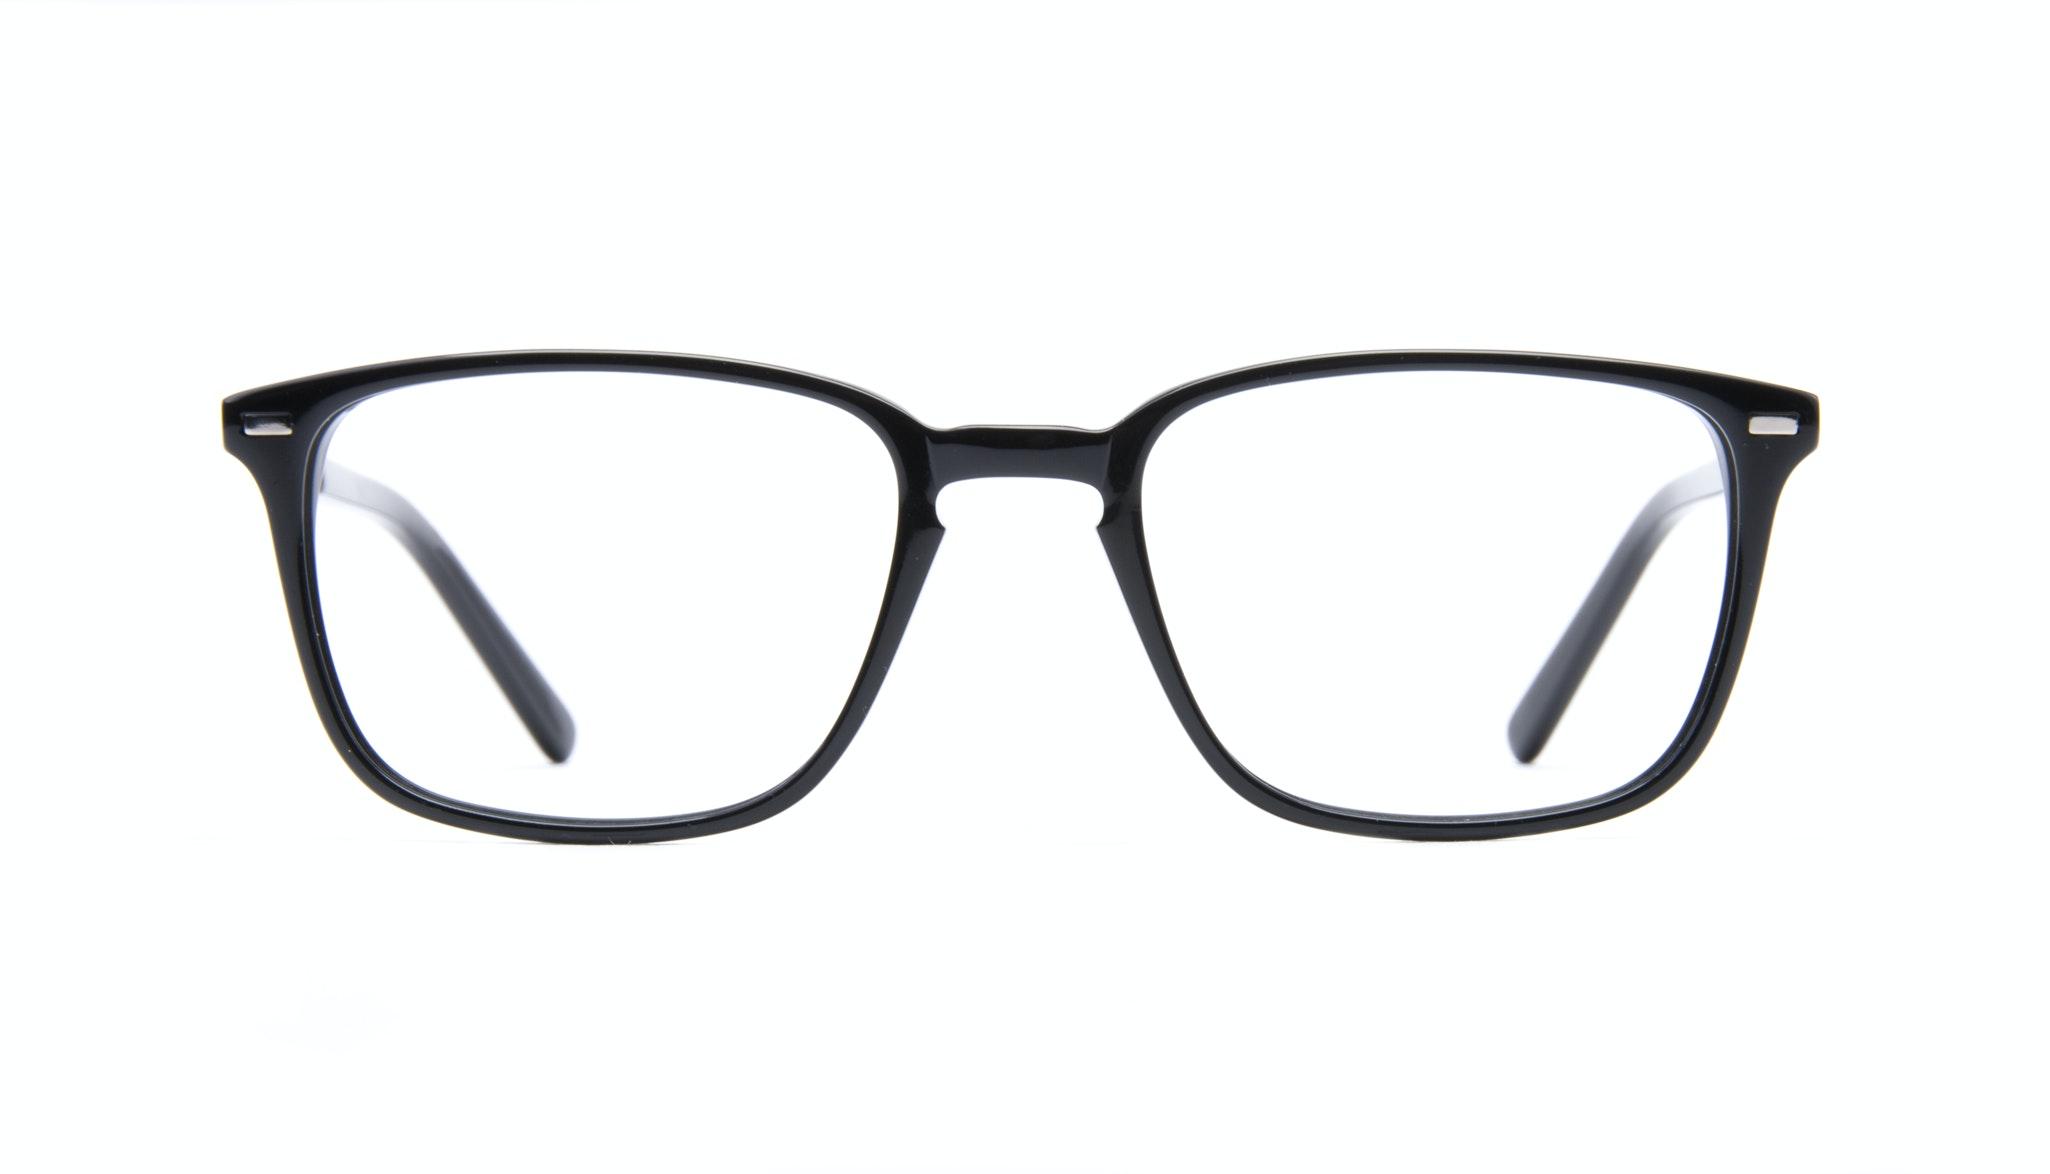 Lunettes tendance Rectangle Optiques Hommes Sharp Black